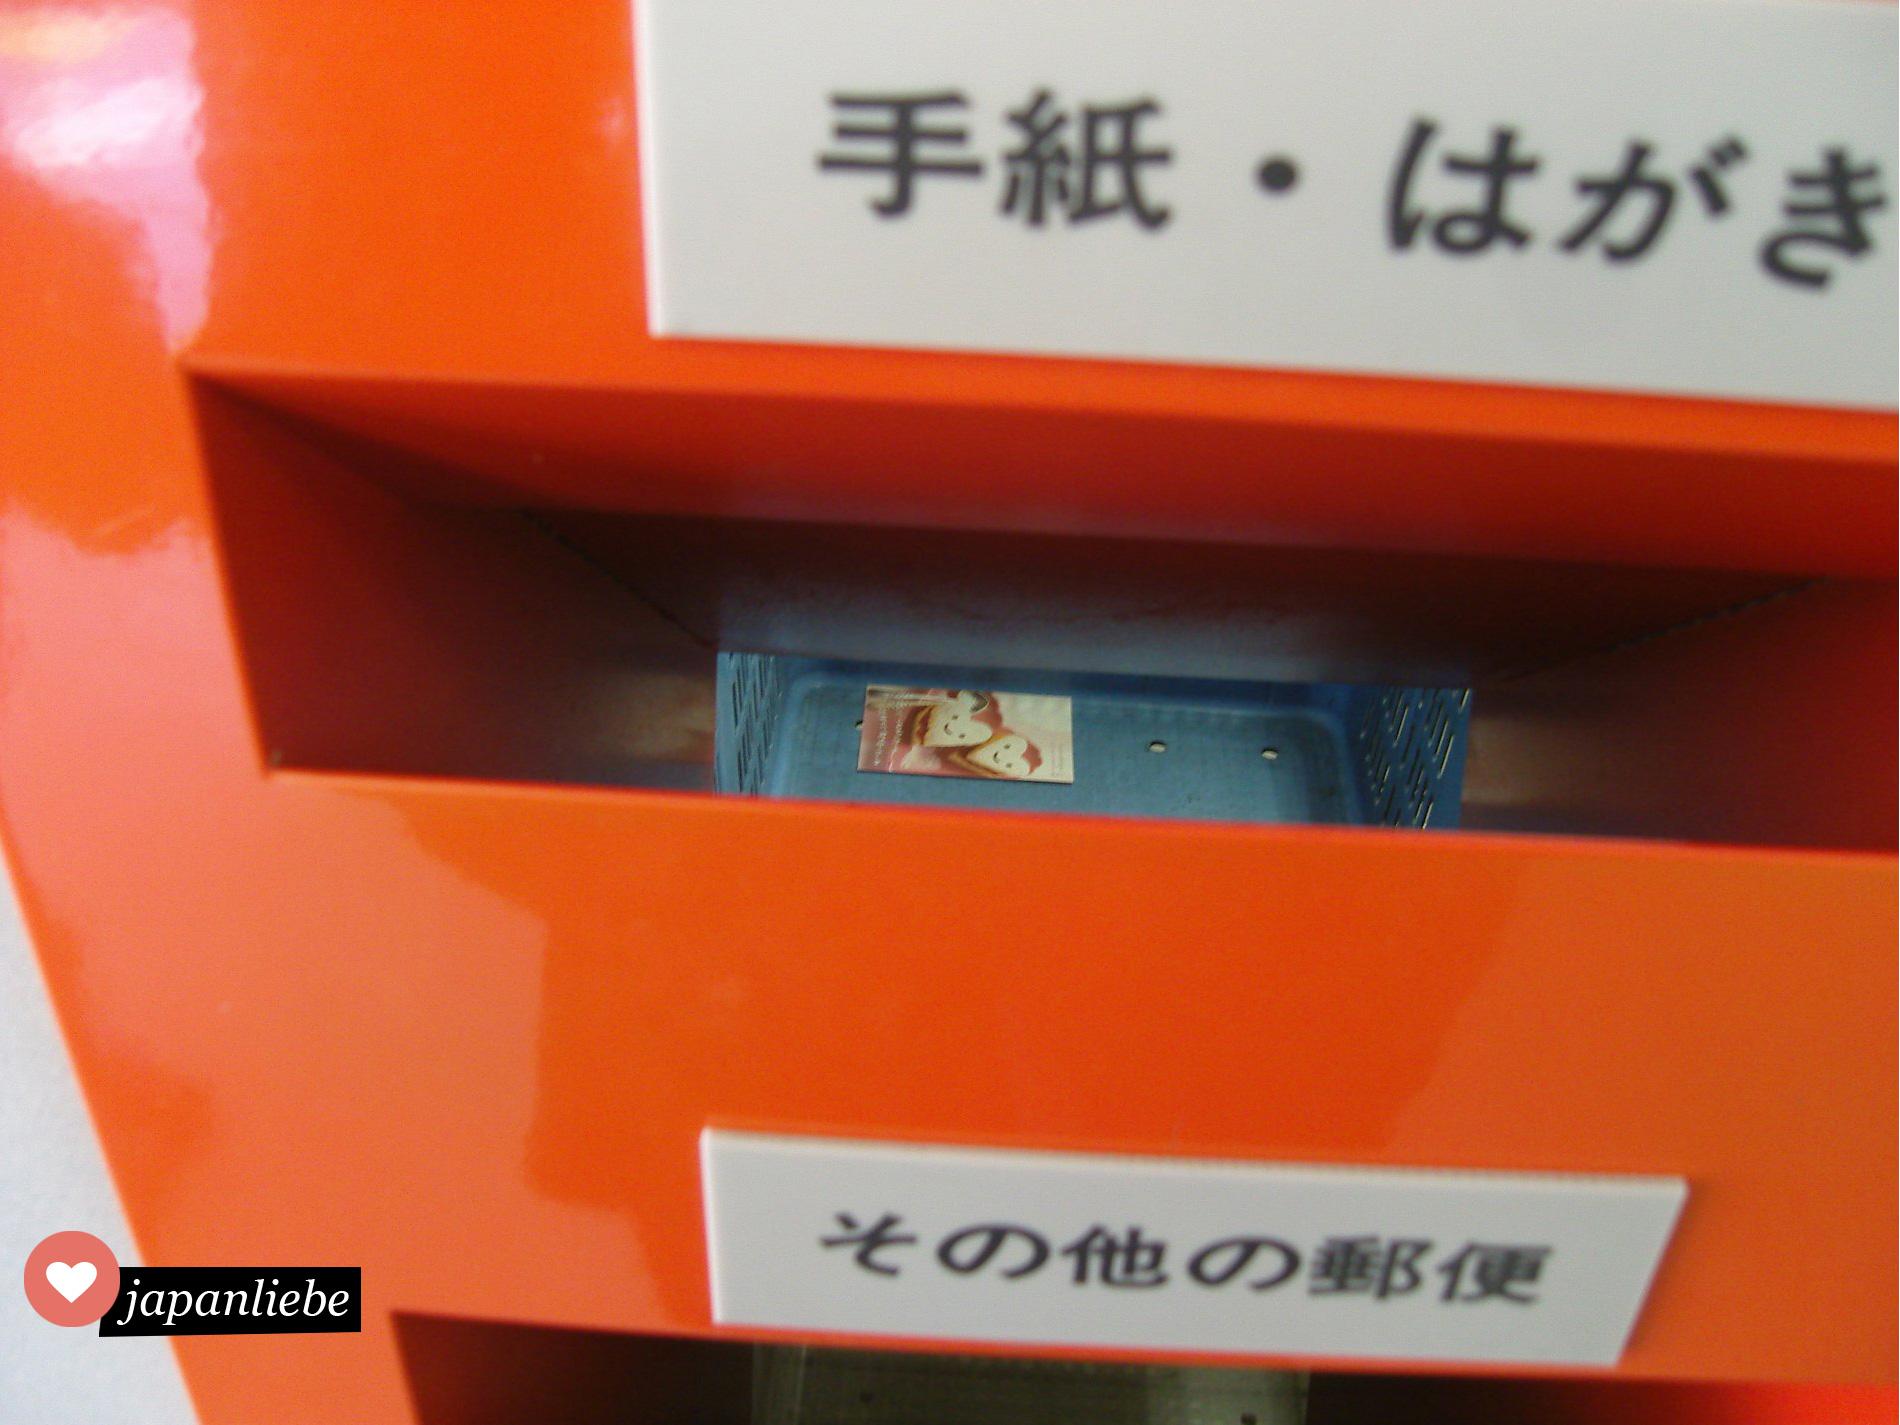 Postkarte in einem japanischen Briefkasten